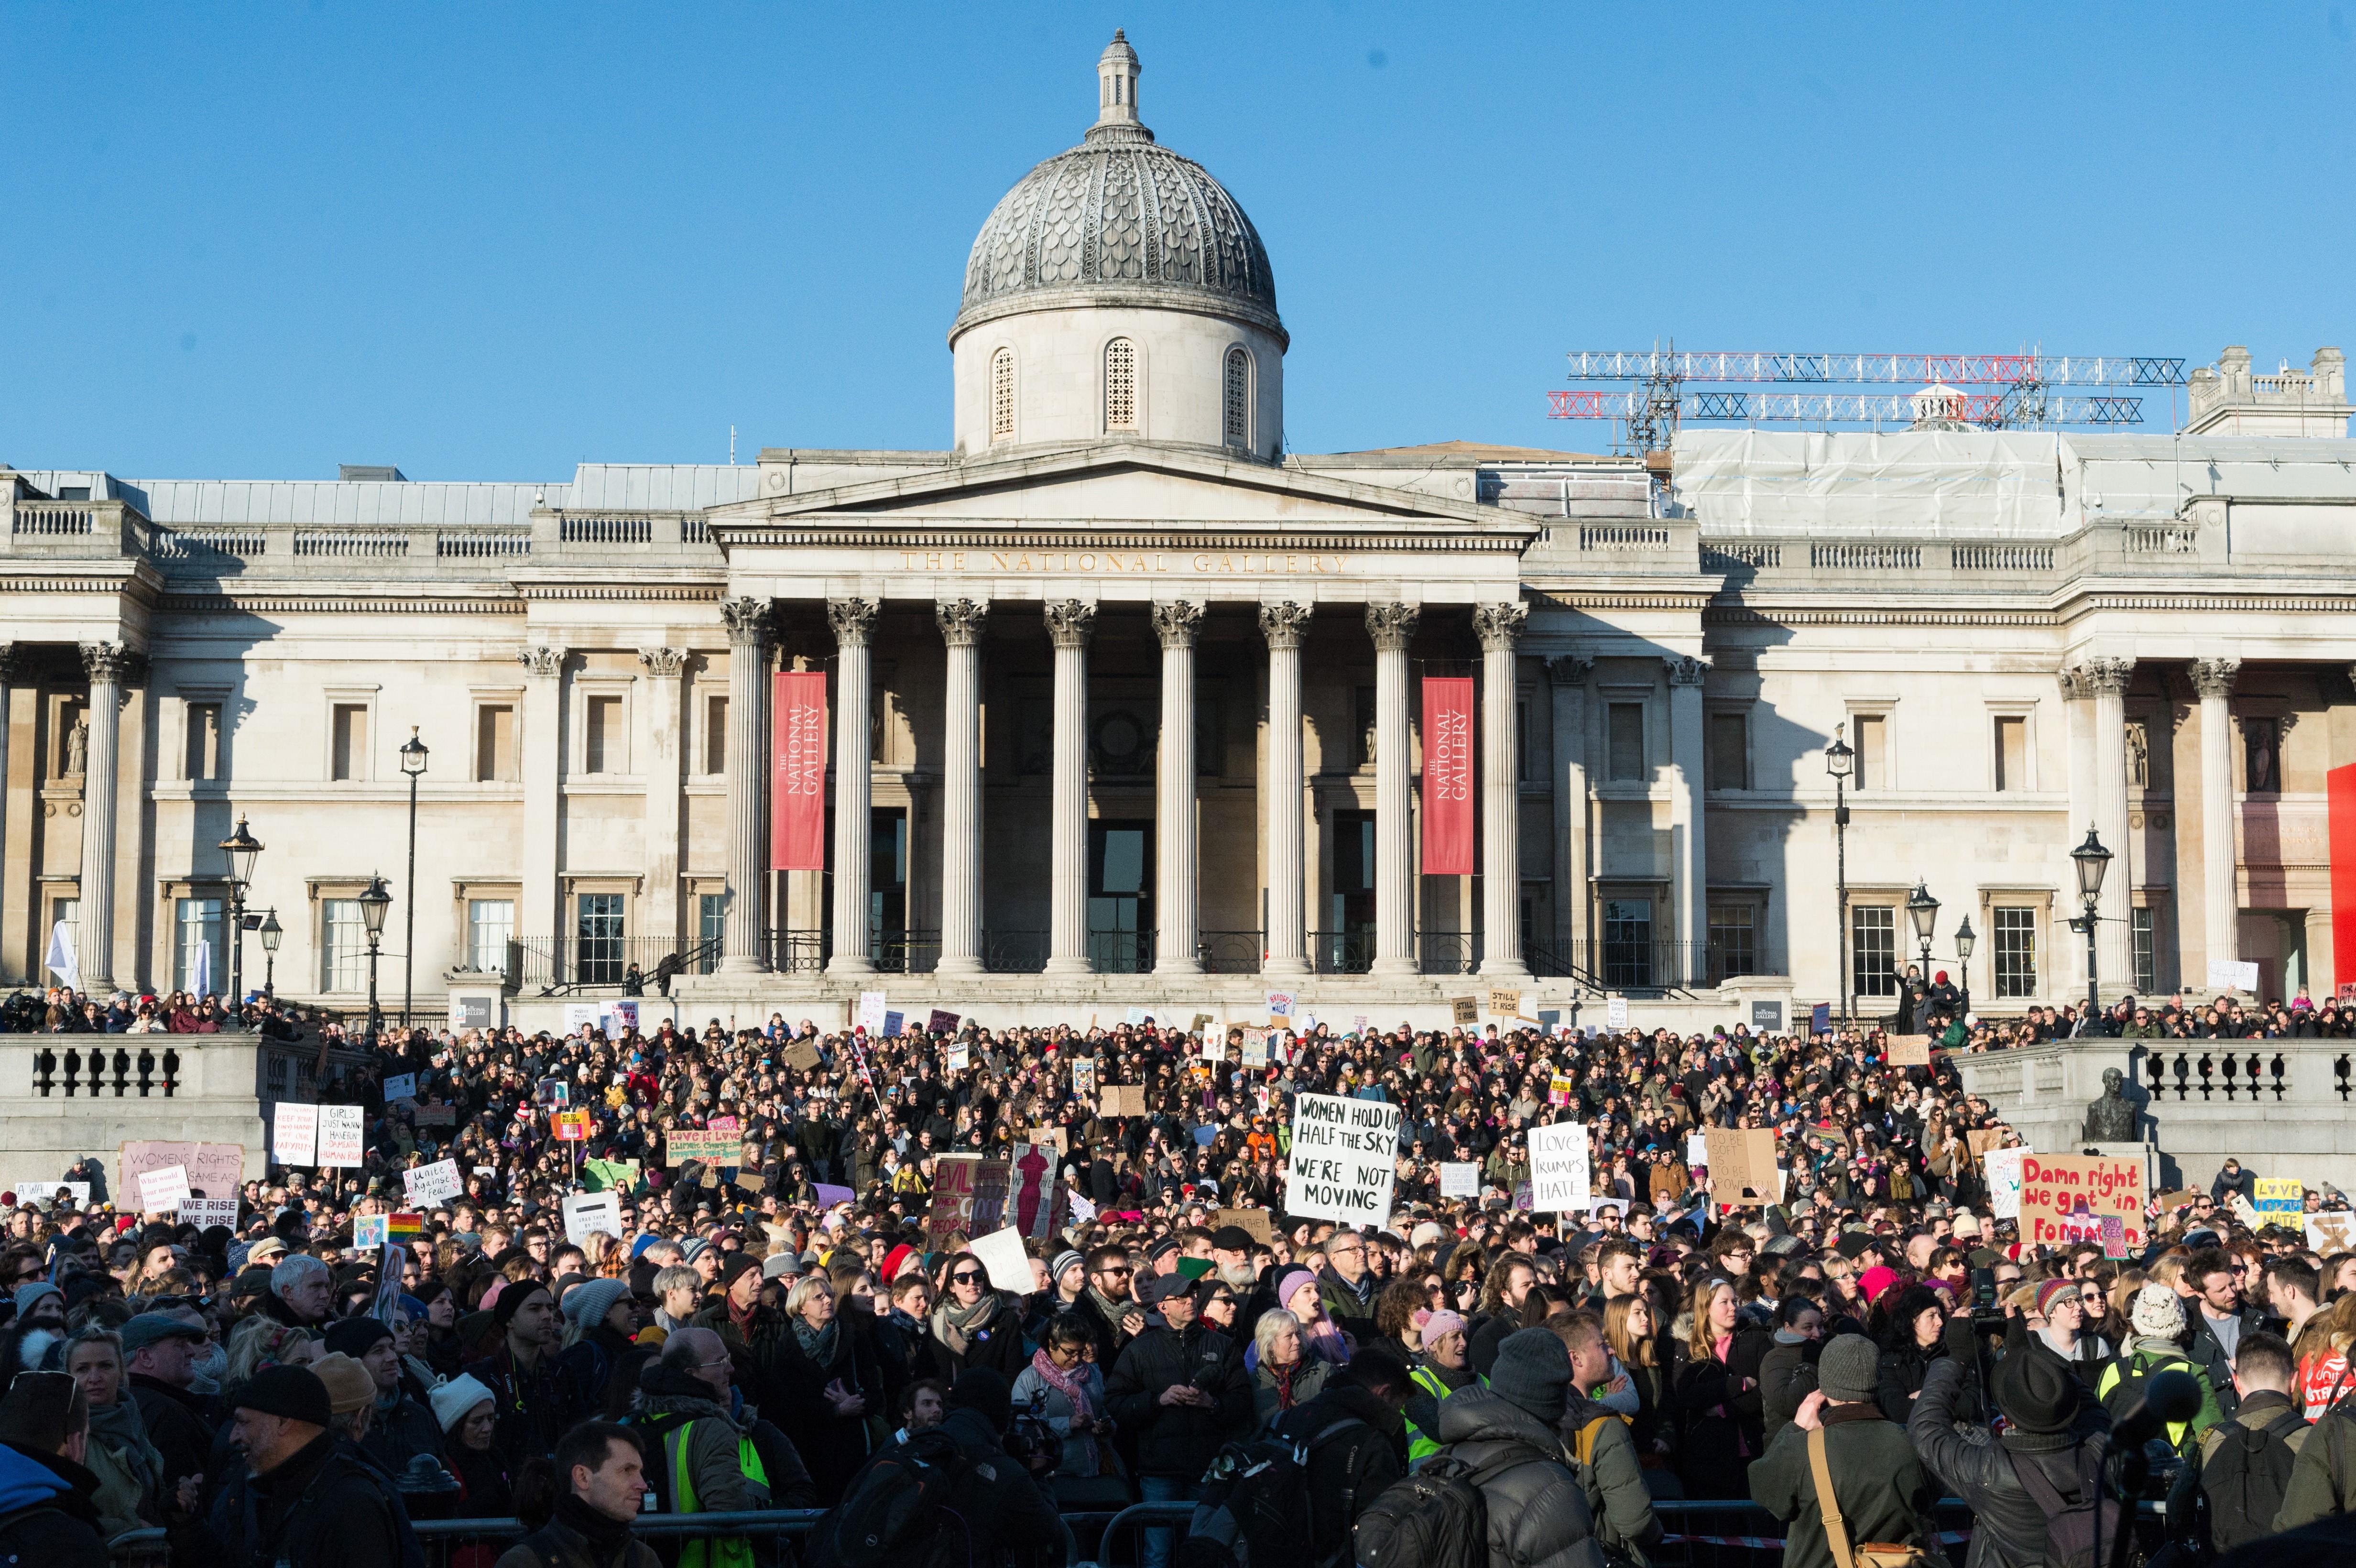 Demonstrators attend the Women's March in London, on Jan. 21, 2017.